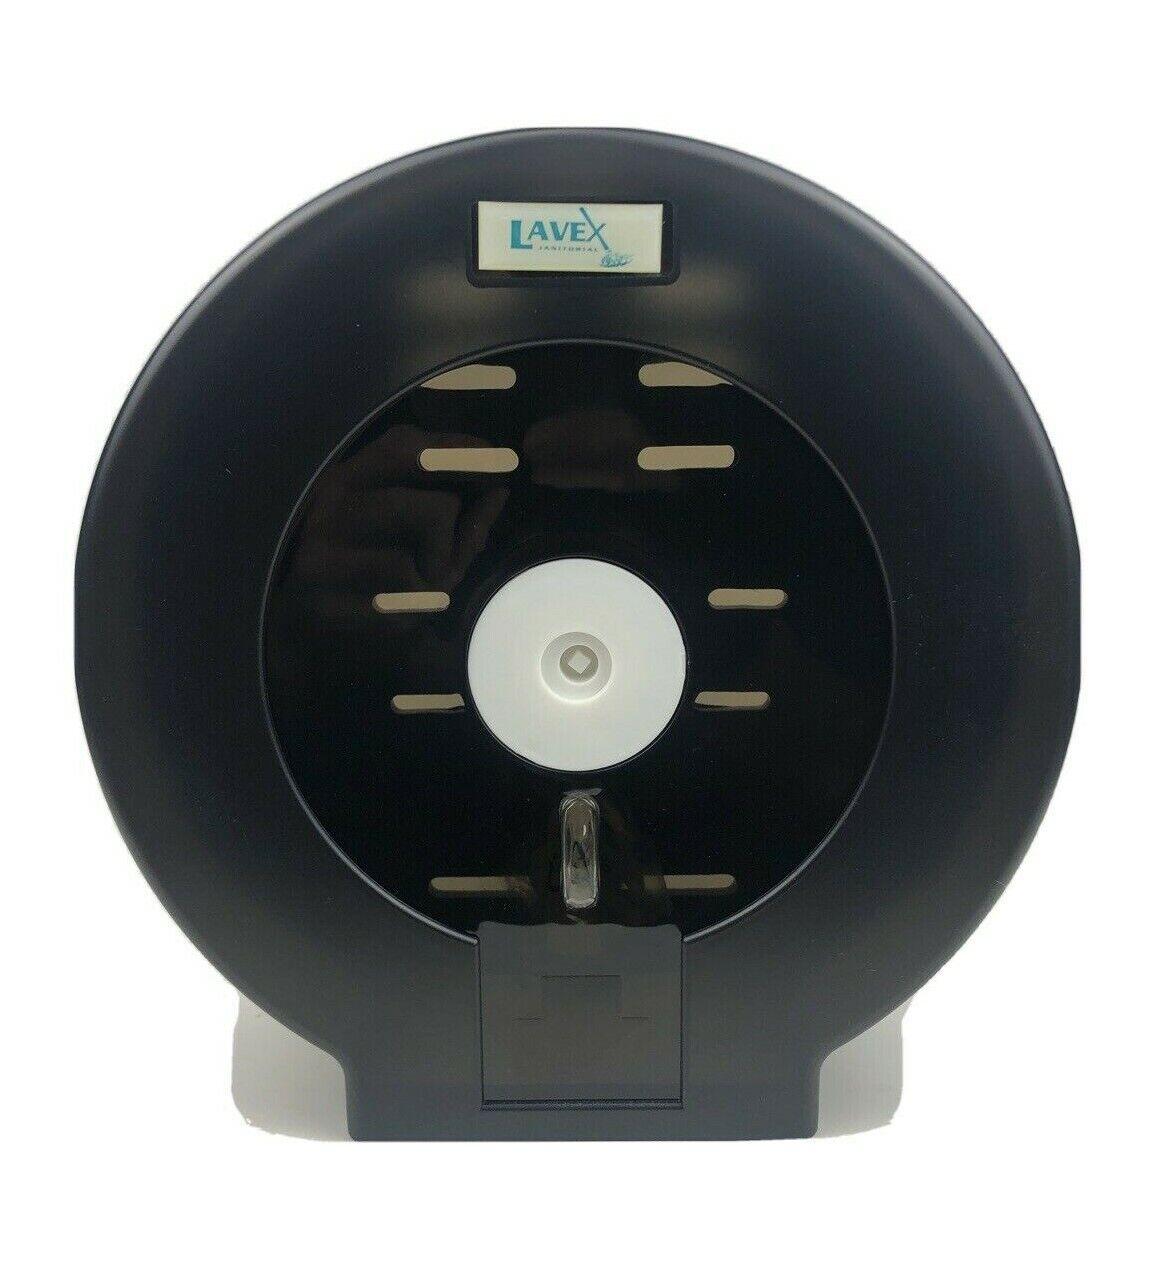 Jumbo Stainless Toilet Paper Dispenser Lavex Lockable Commercial